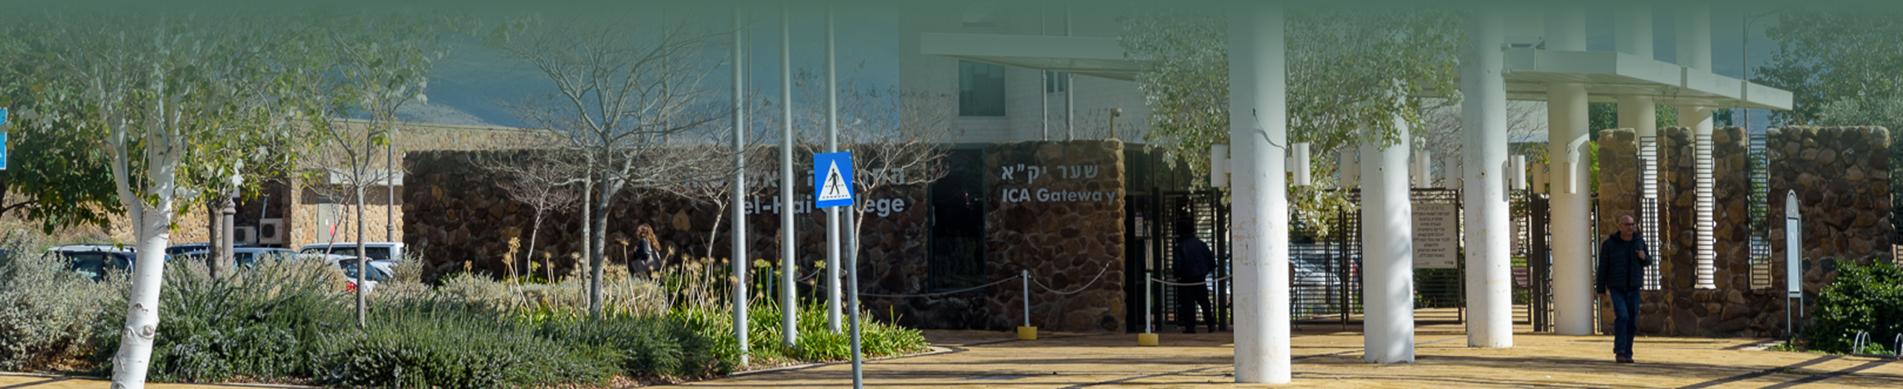 ICA Gate